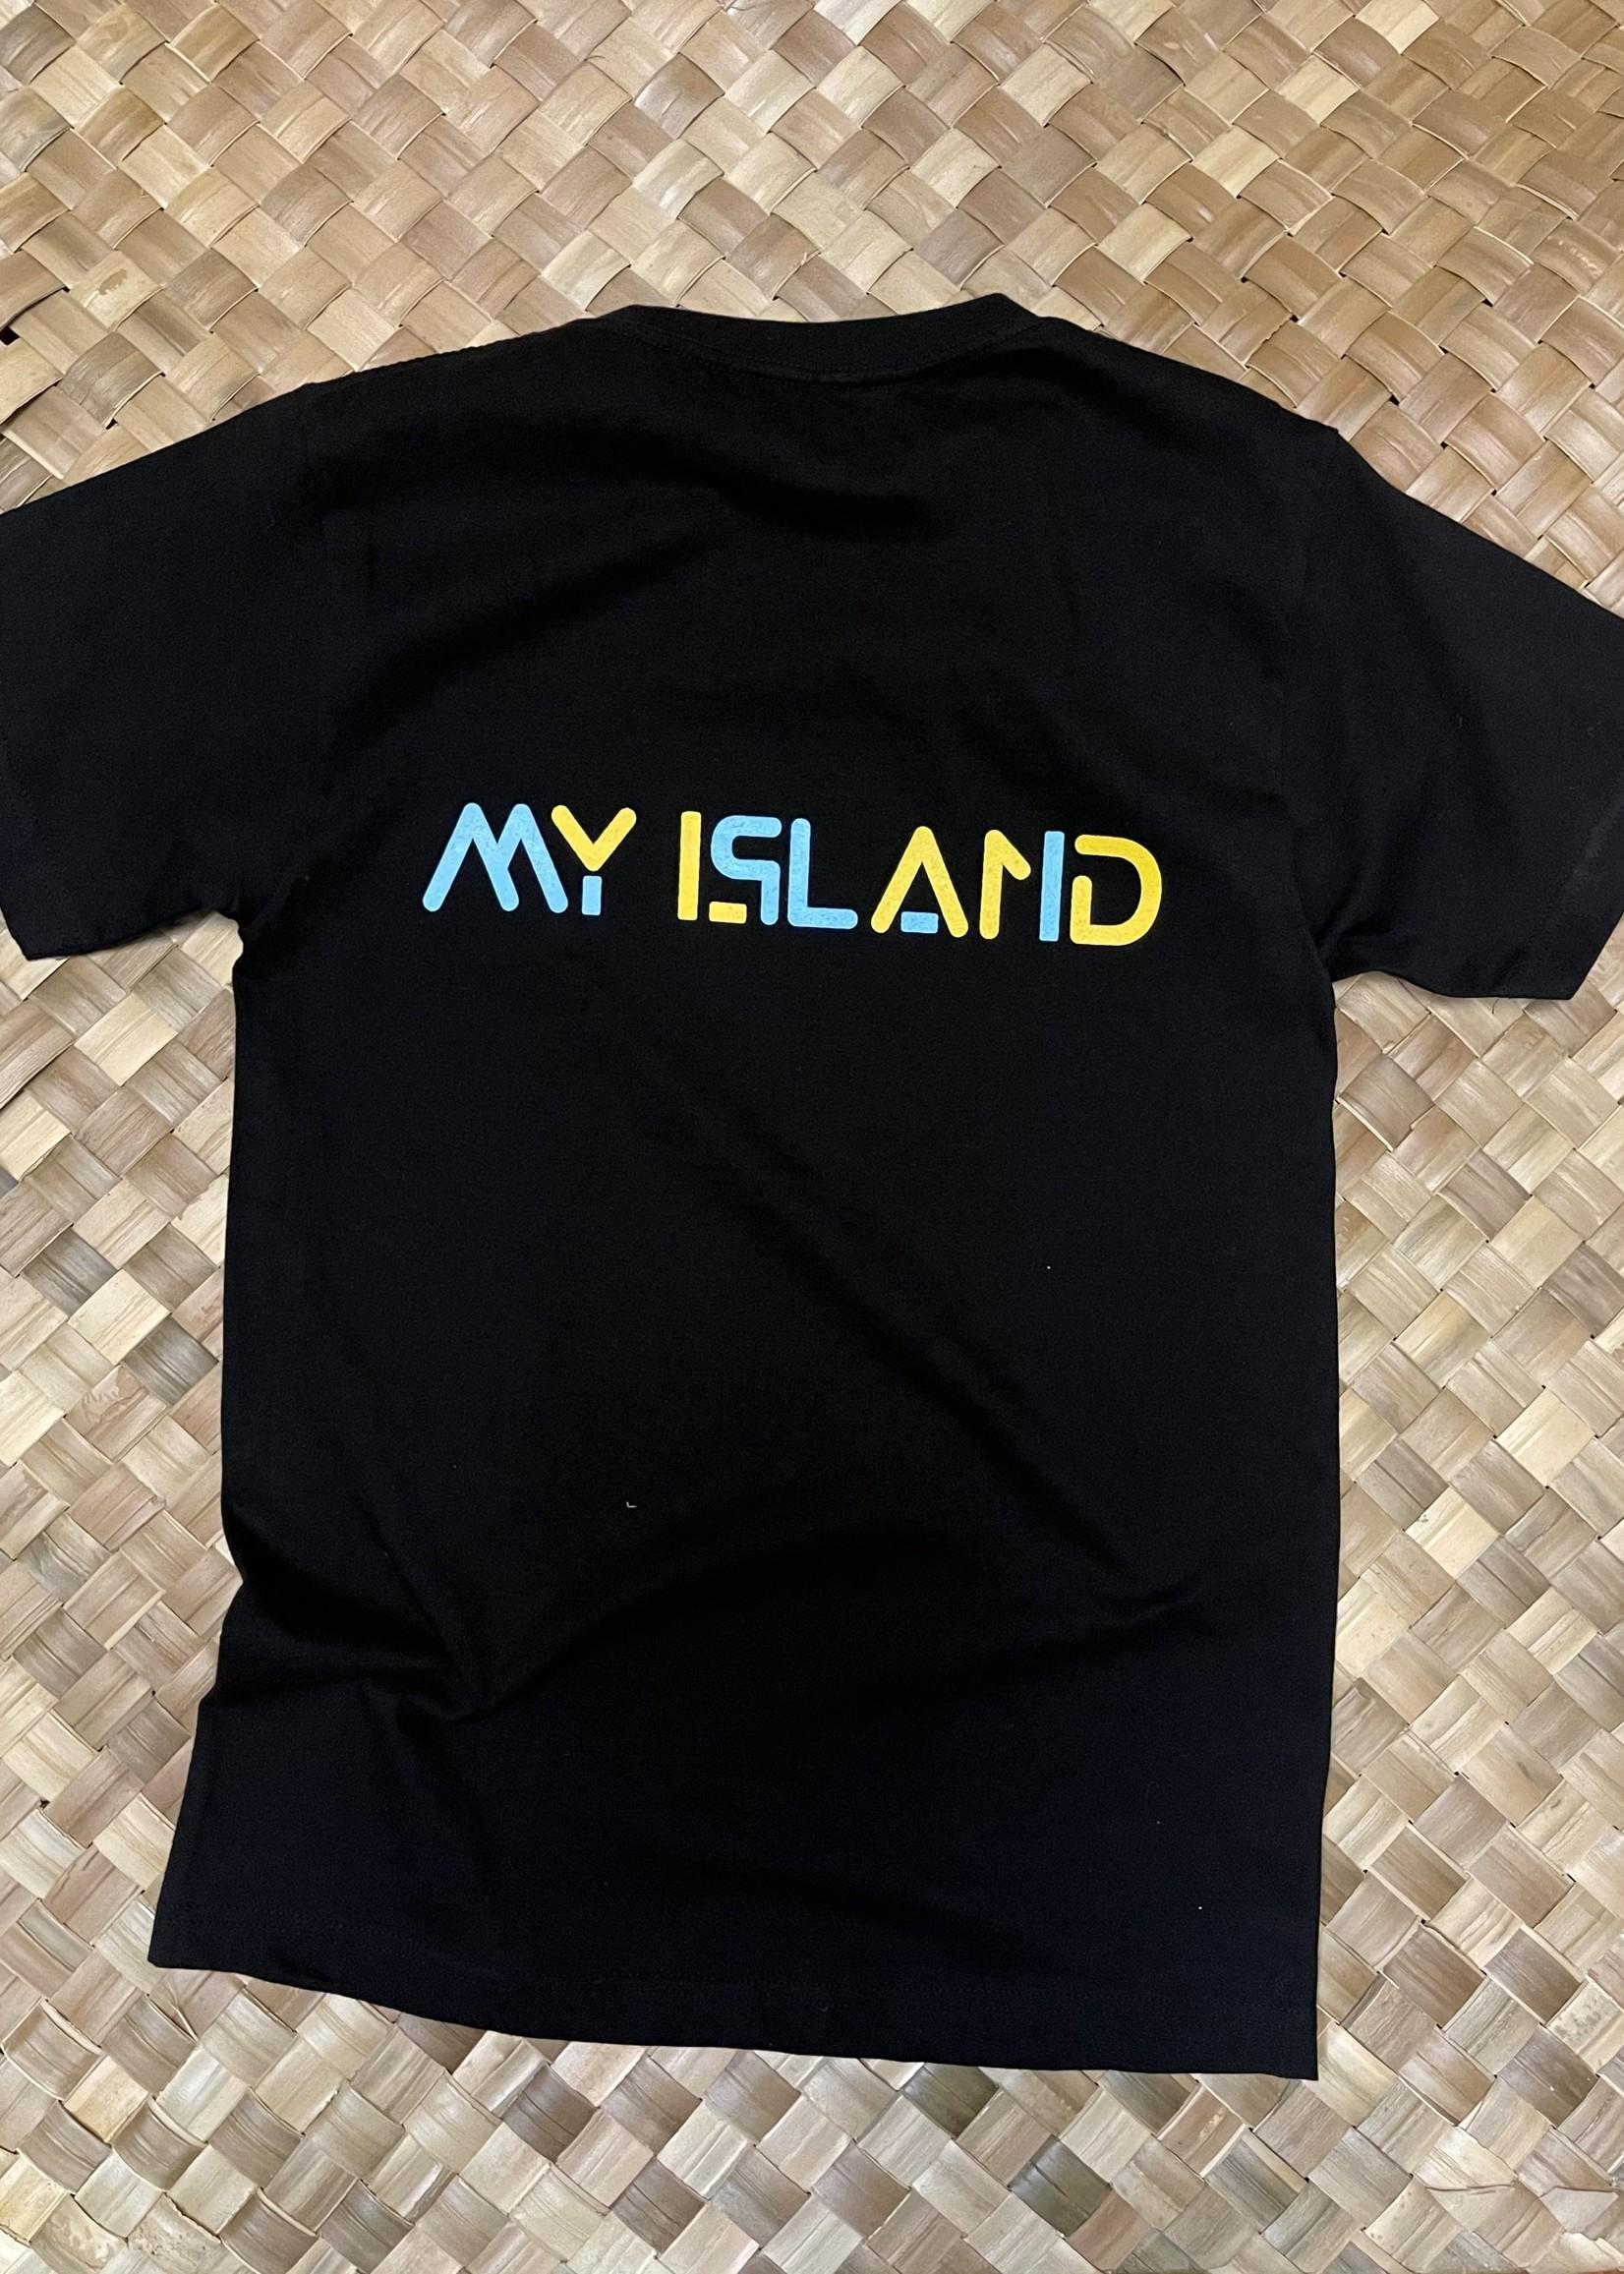 MY ISLAND Kids My Island Retro